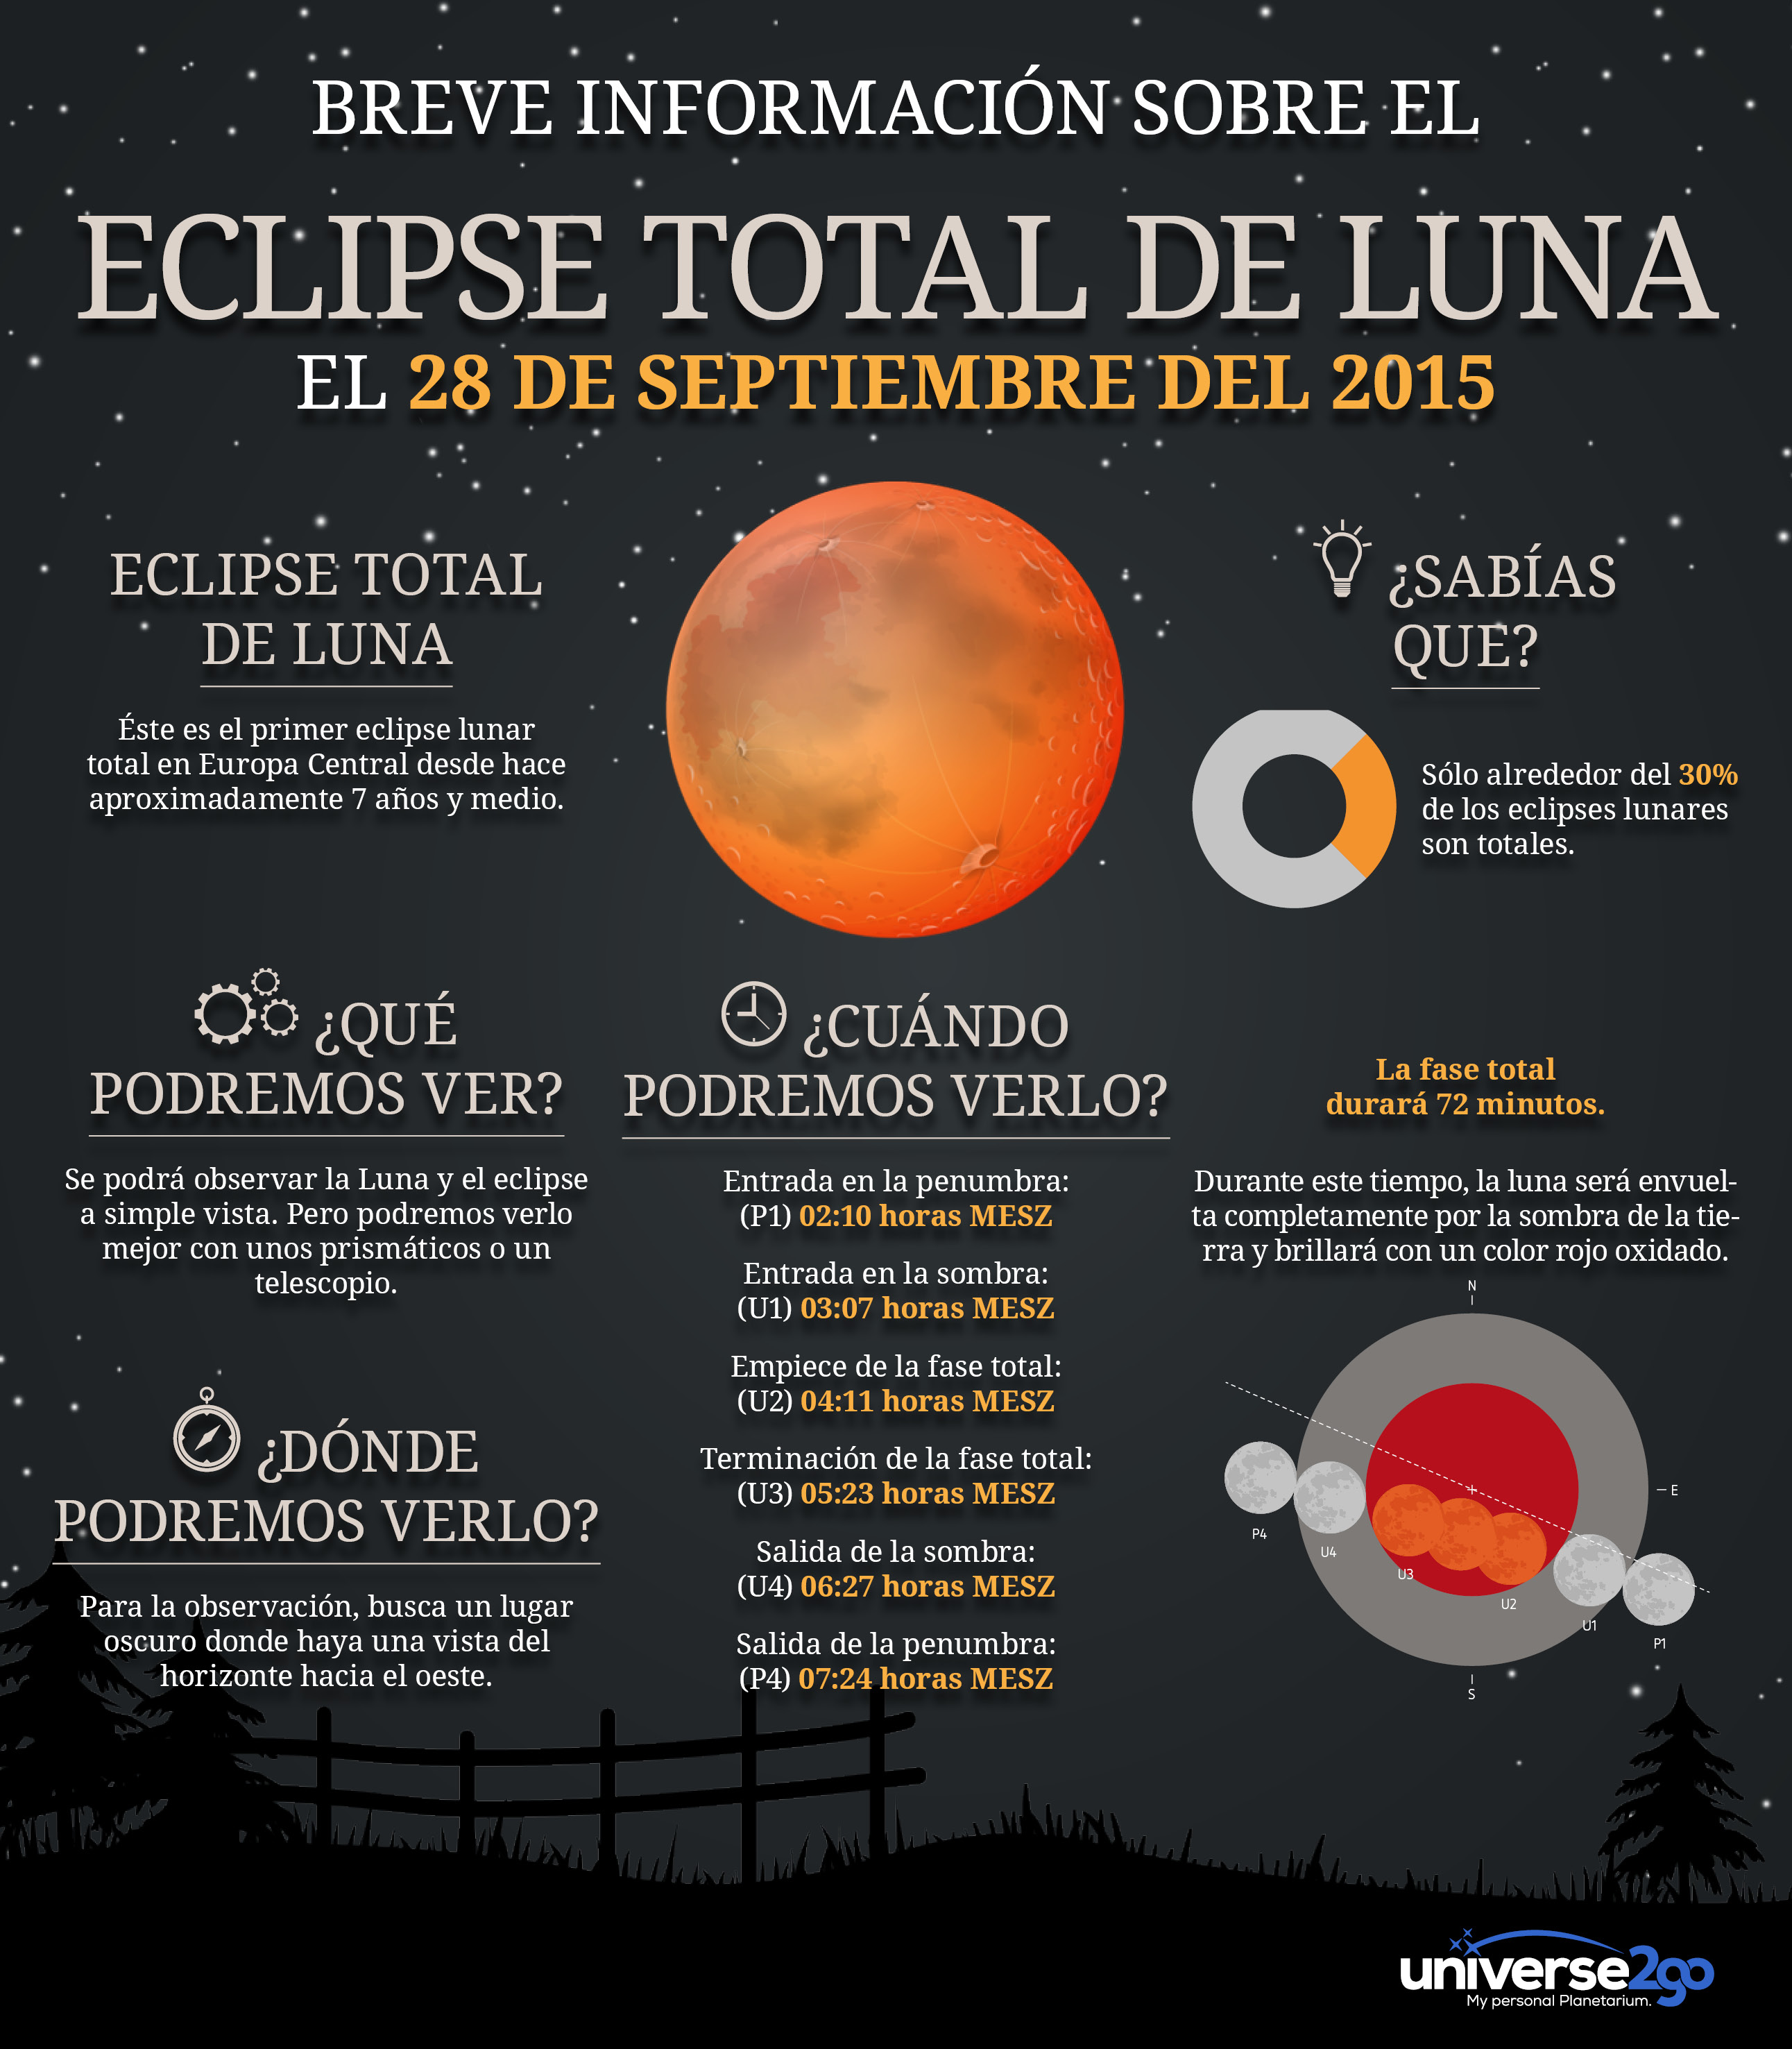 Eclipse total de luna 28 septiembre 2015 infograf a for Todo sobre el marmol